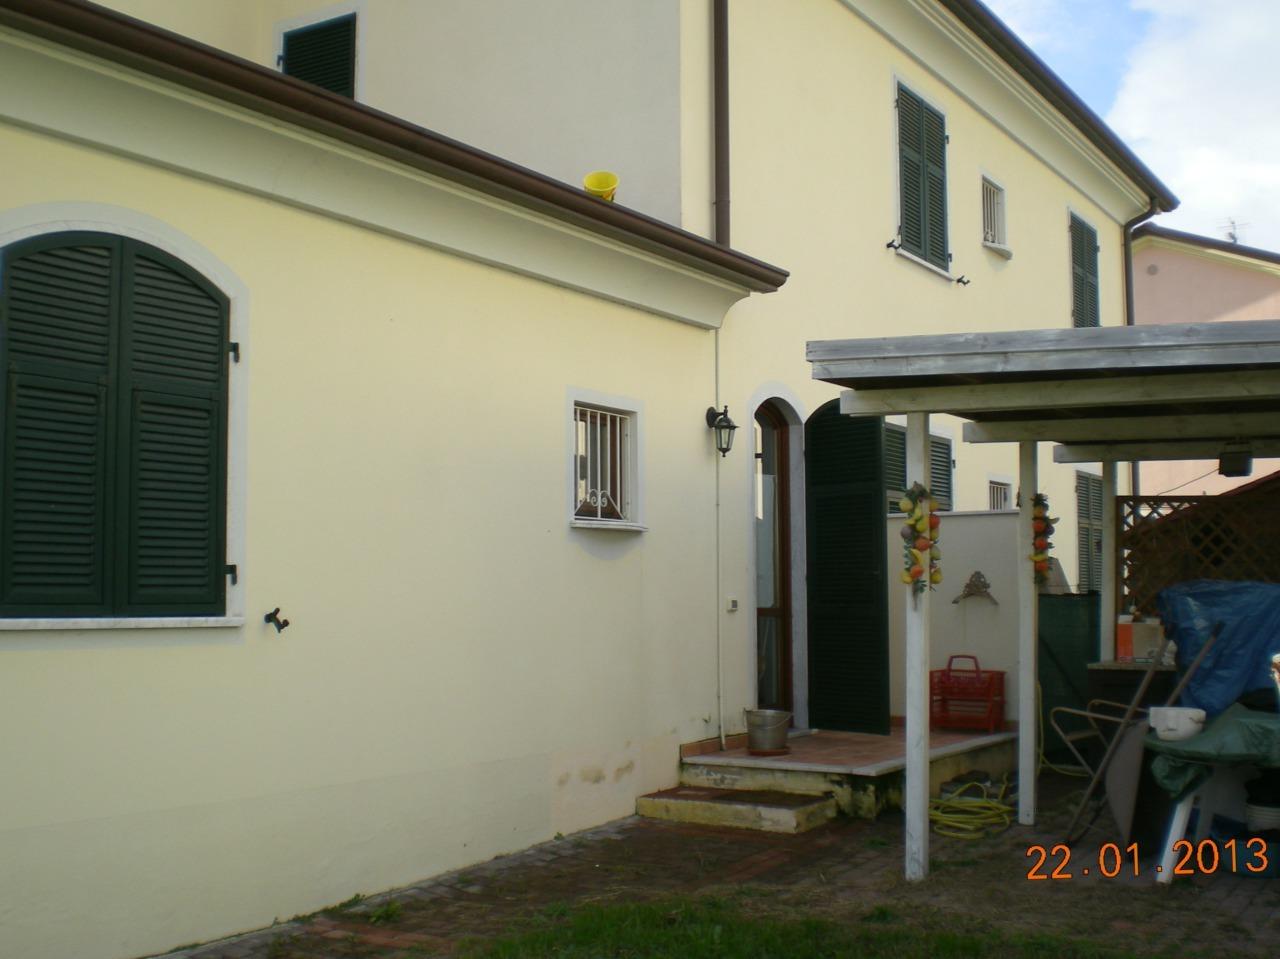 Casa semindipendente in vendita, rif. 2214